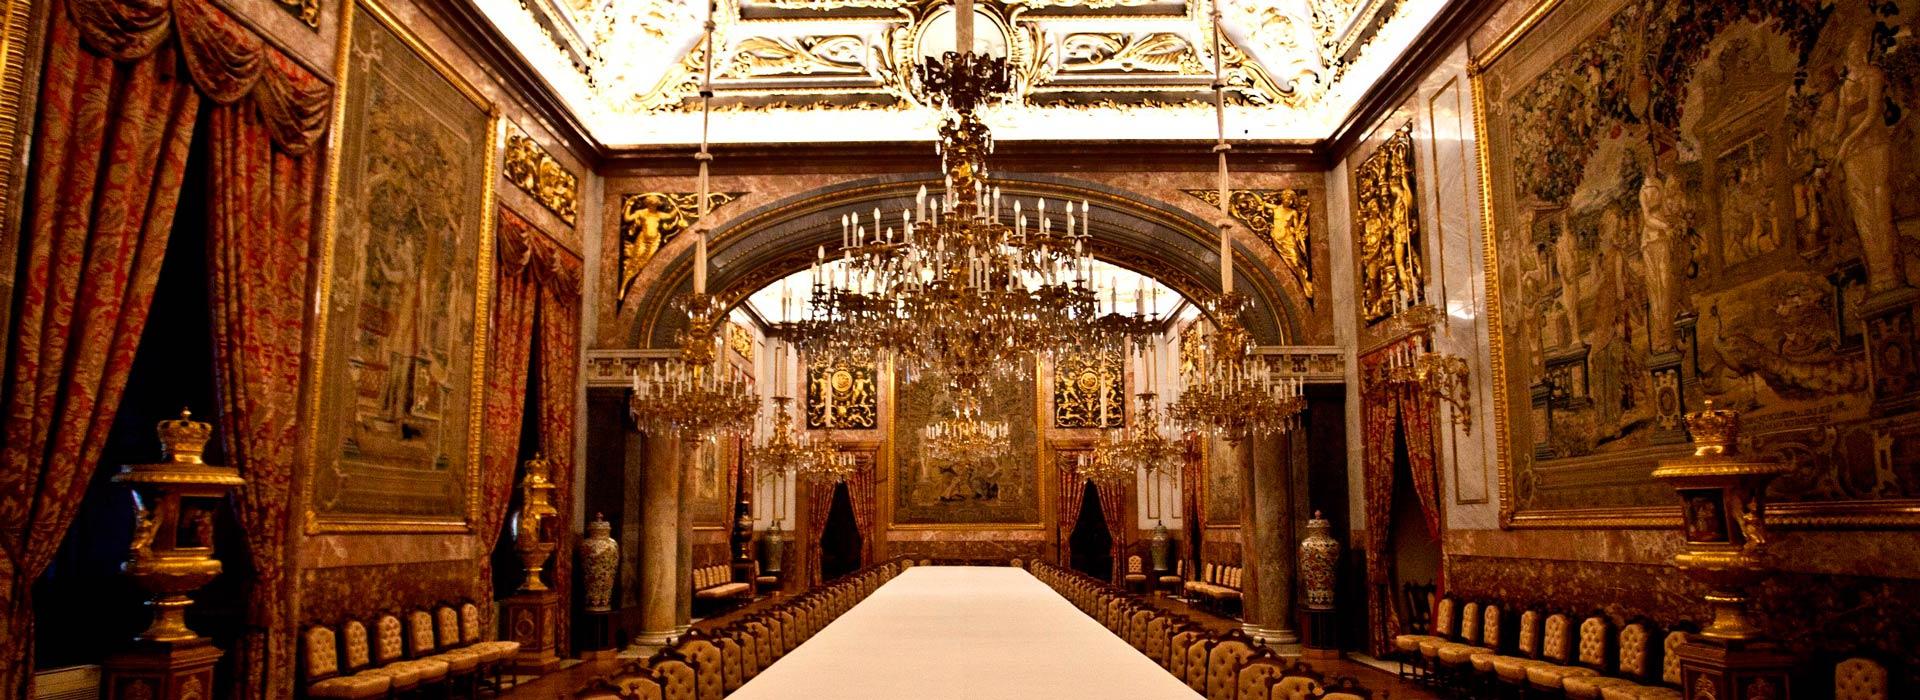 Madrid.Interior de Palacio Real